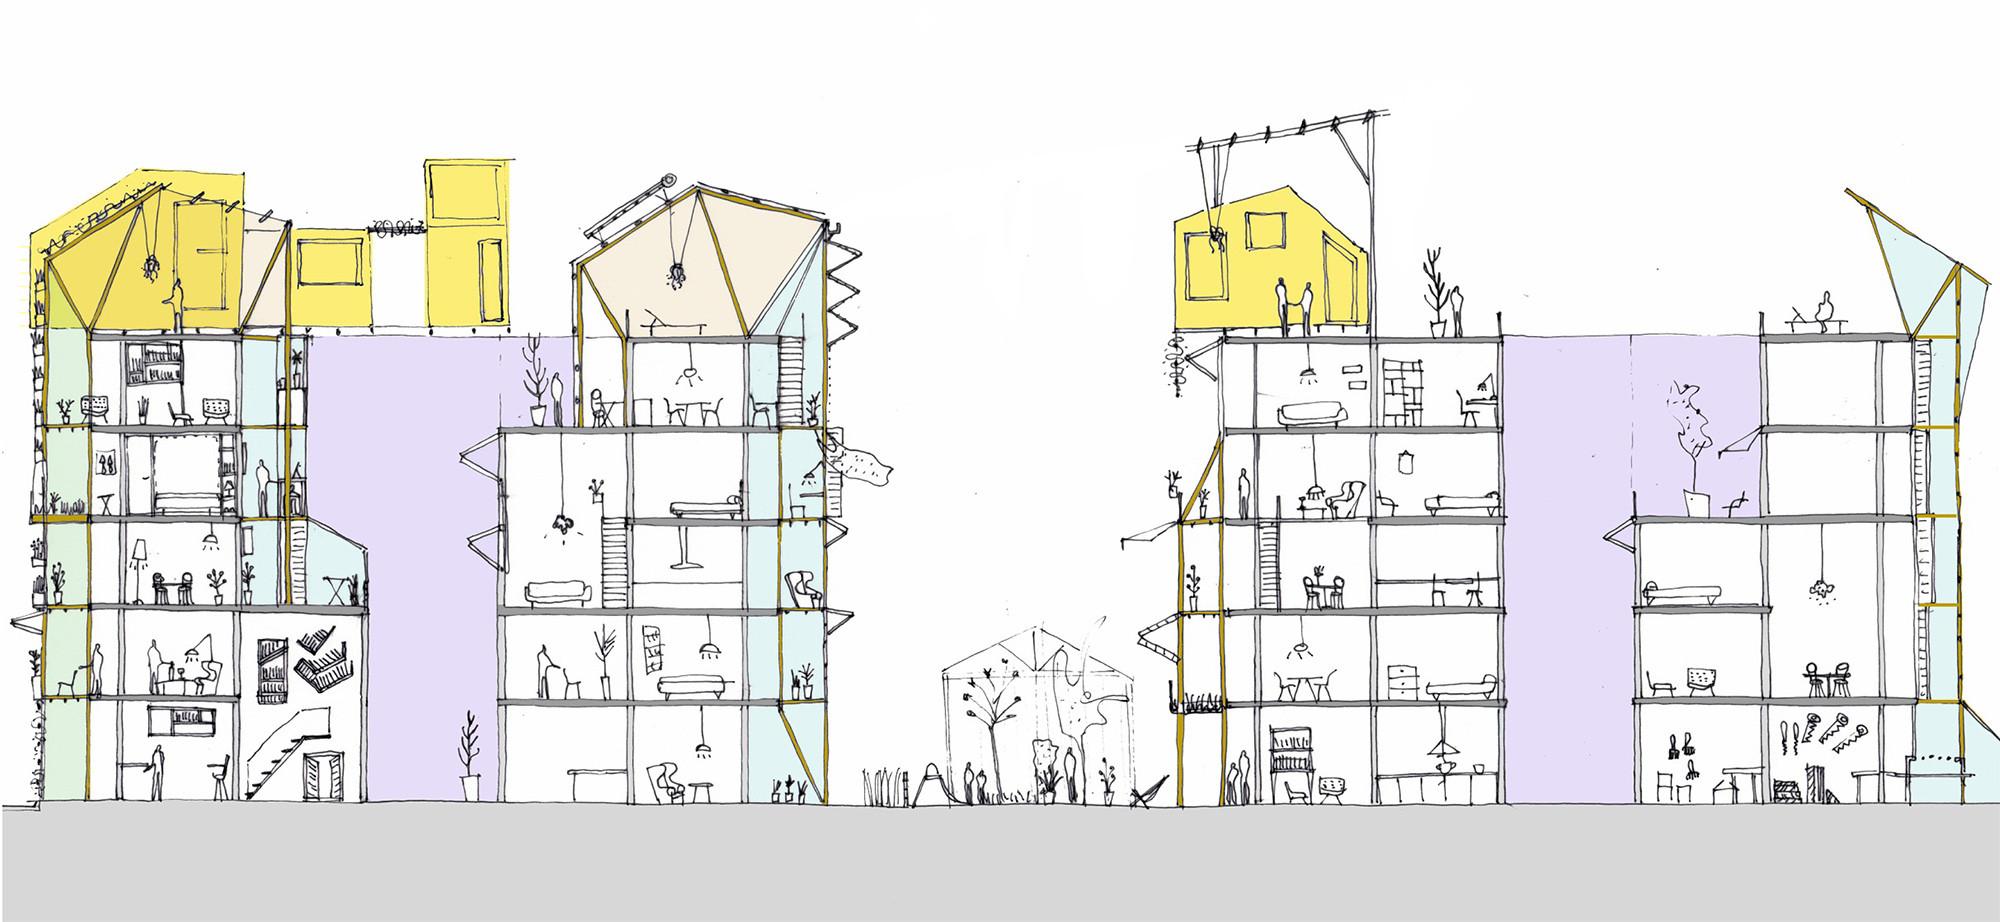 Las adiciones y modificaciones interiores derivan en un edificio con una mayor variedad de espacios. Imagen Cortesía de Improvistos Nunca Vistos (María Tula García Méndez & Gonzalo Navarrete Mancebo)